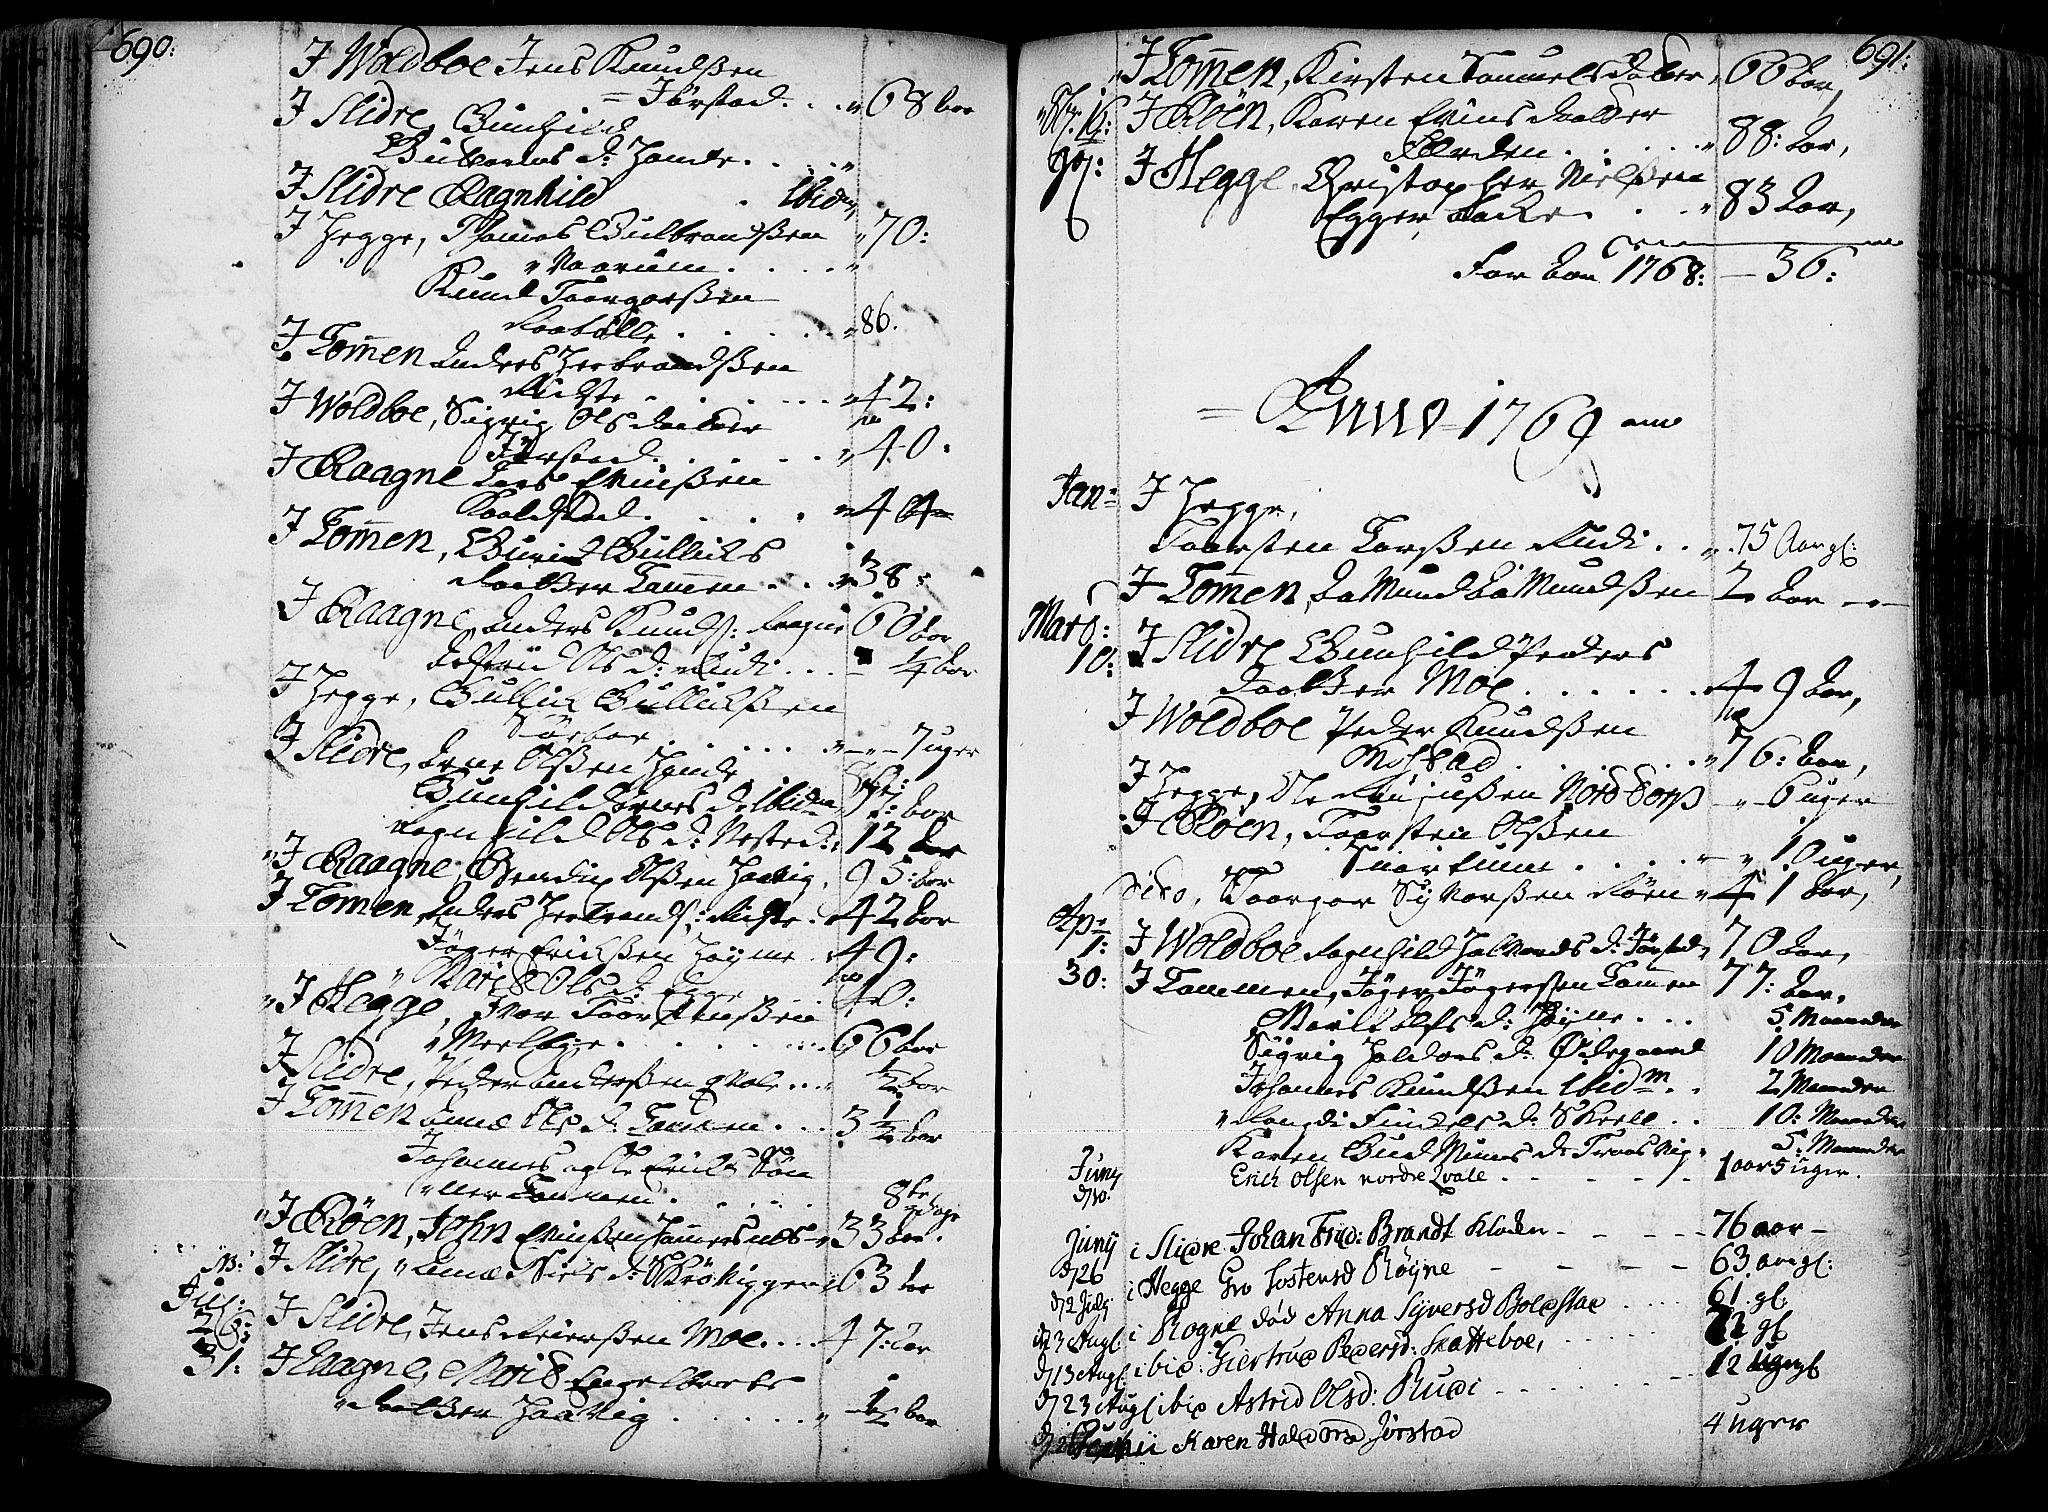 SAH, Slidre prestekontor, Ministerialbok nr. 1, 1724-1814, s. 690-691